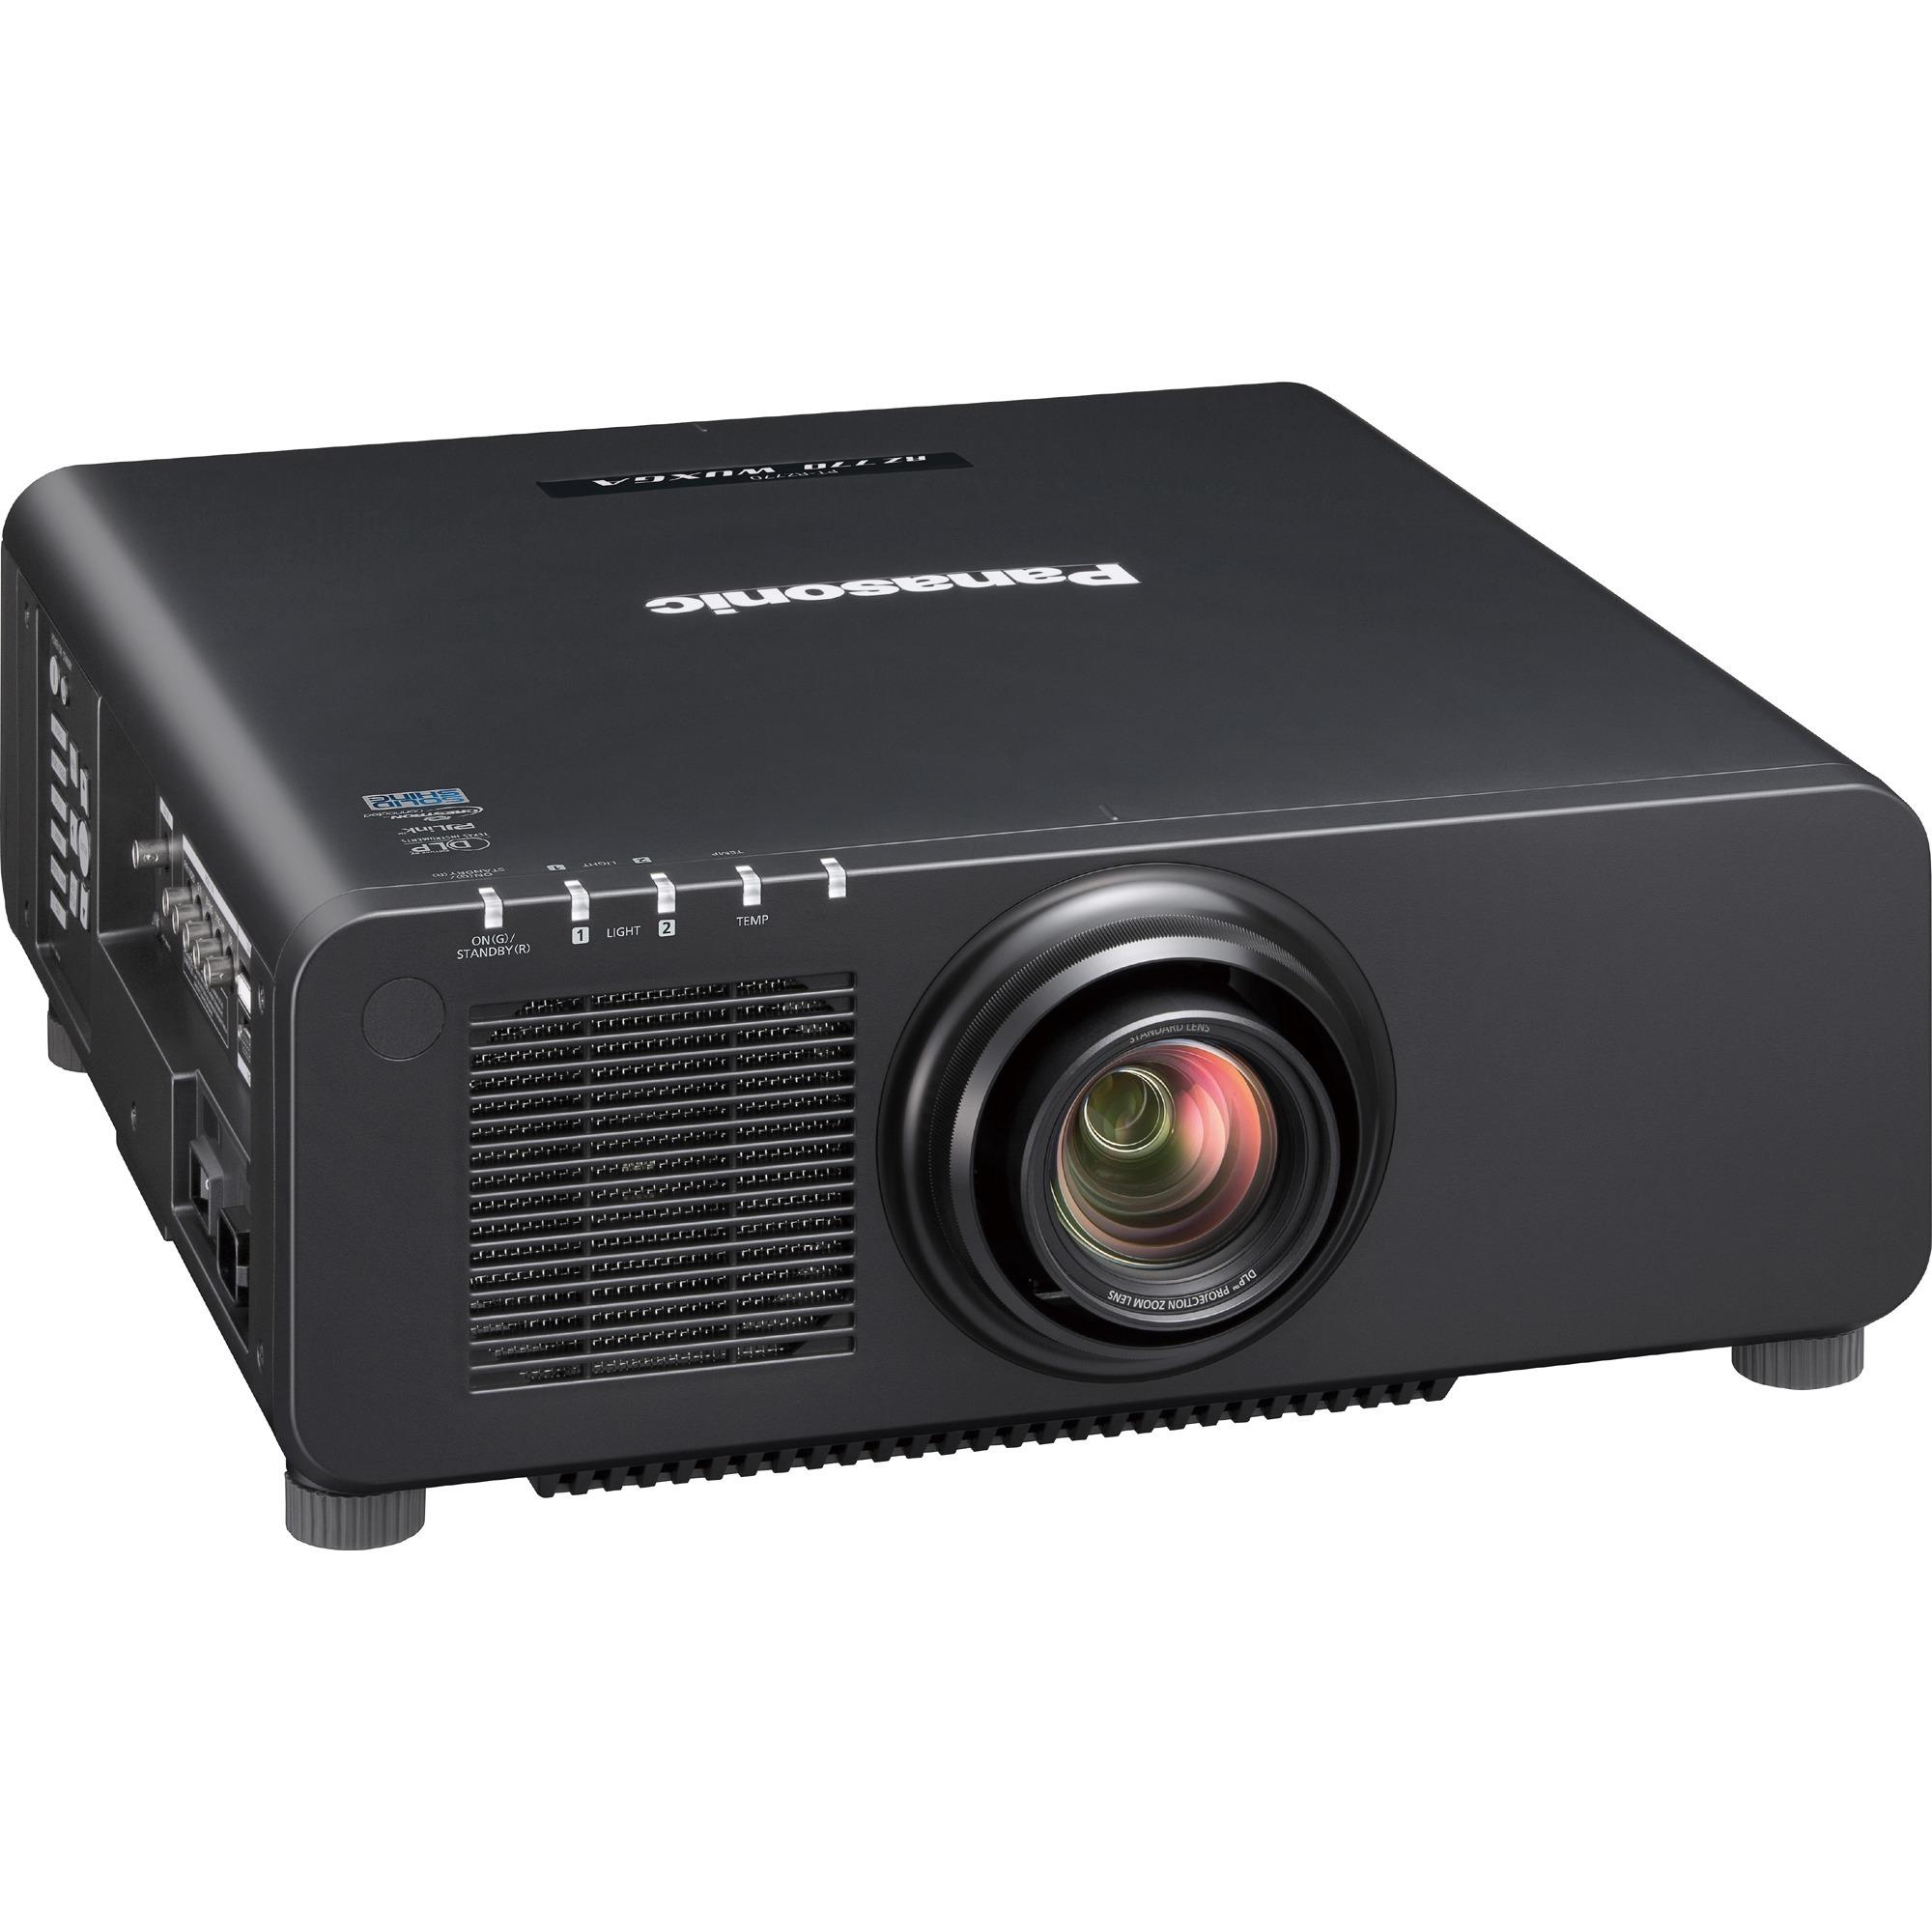 Panasonic SOLID SHINE PT-RZ770 DLP Projector - 16:10 - Black_subImage_1